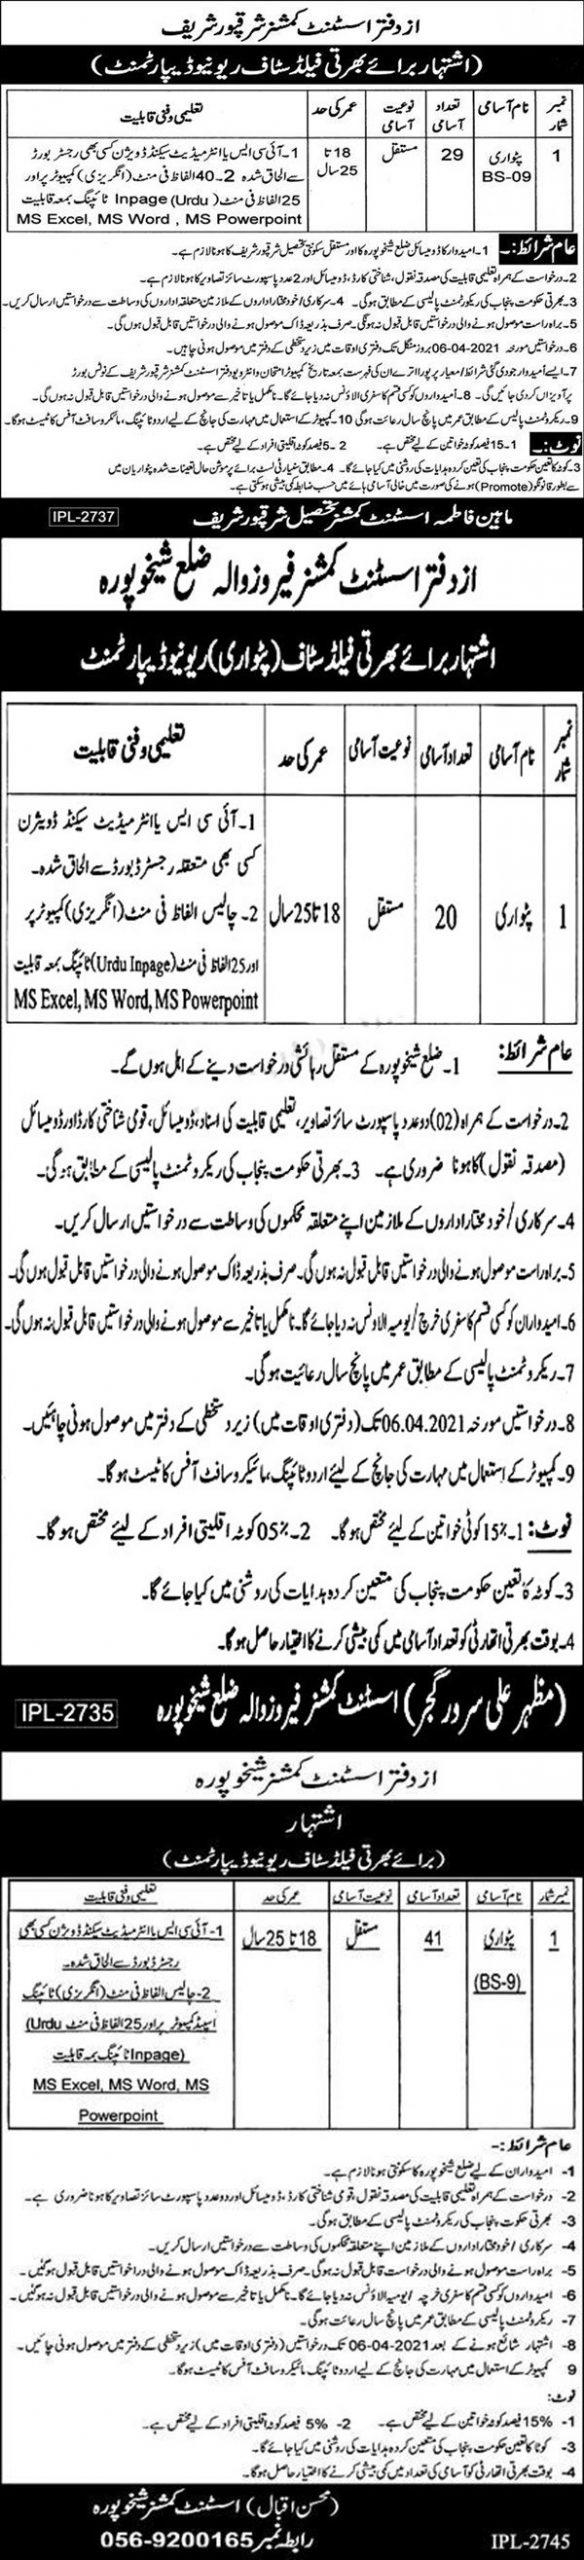 Revenue Department Sheikhupura Patwari Jobs 2021